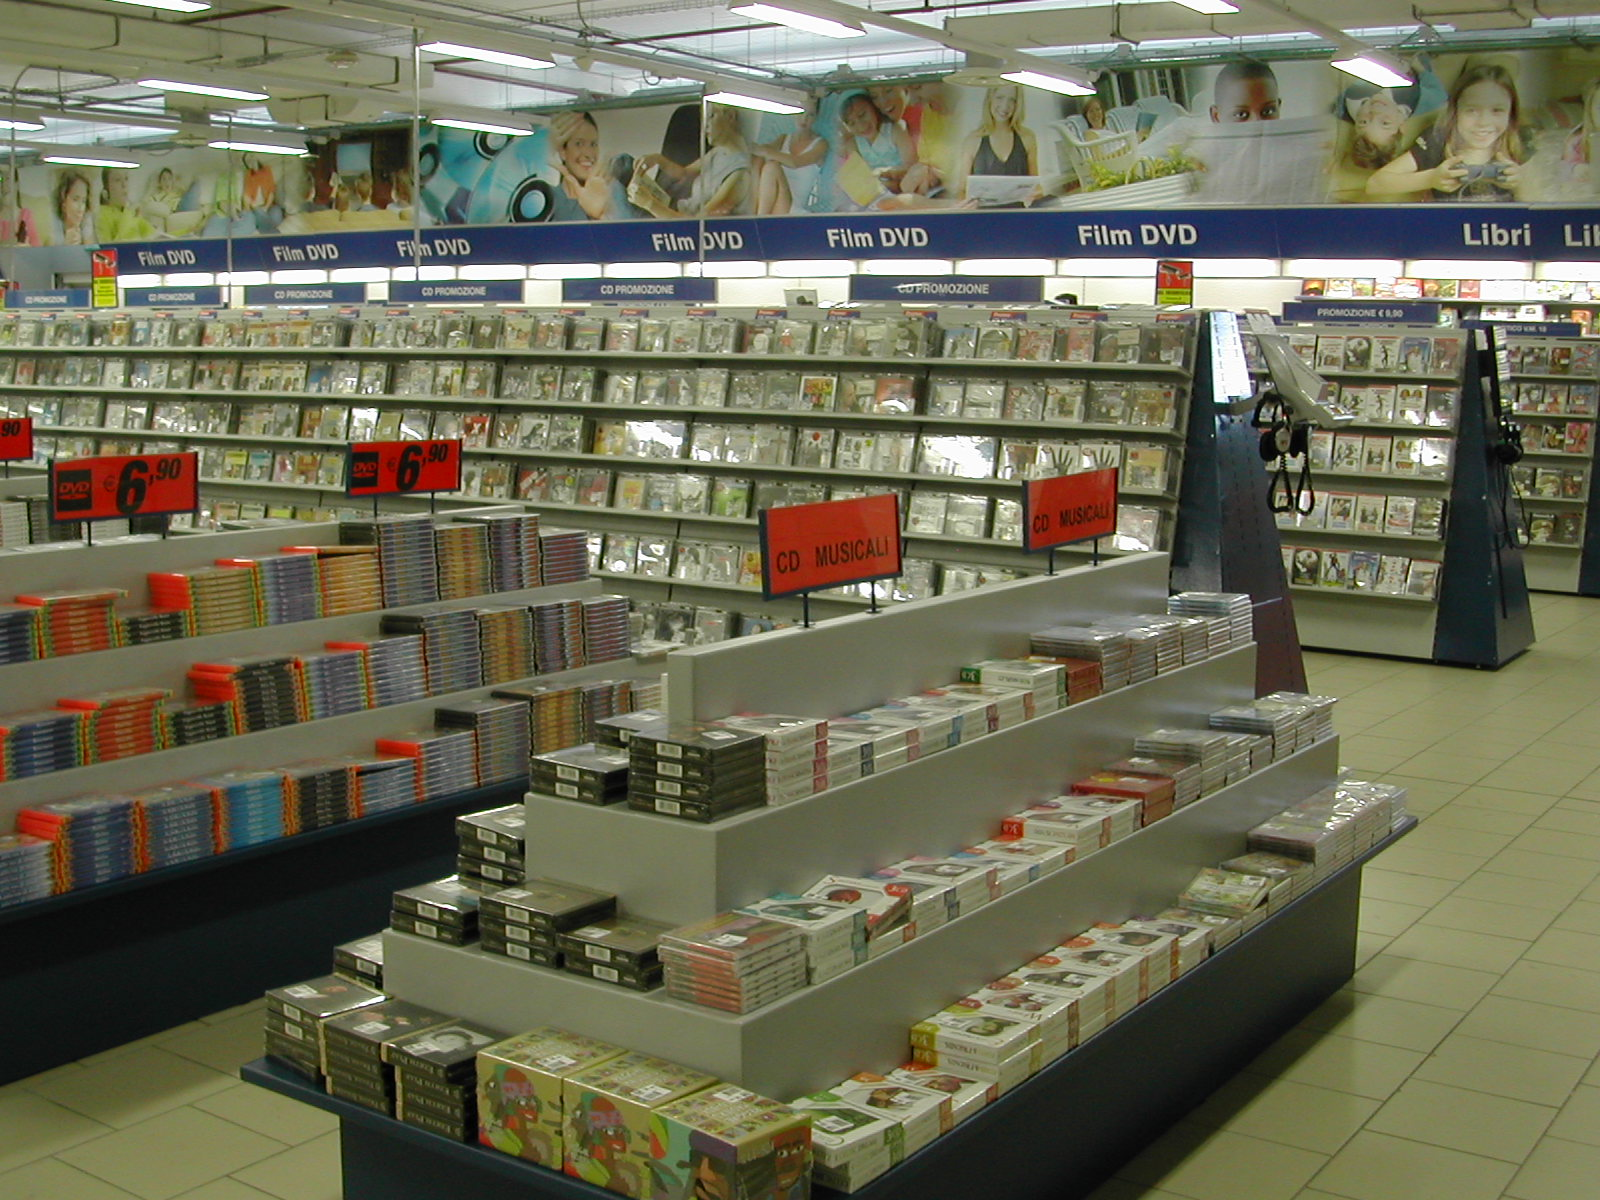 Arredamento per negozi di elettronica toscana belardi for Negozi di arredamento toscana